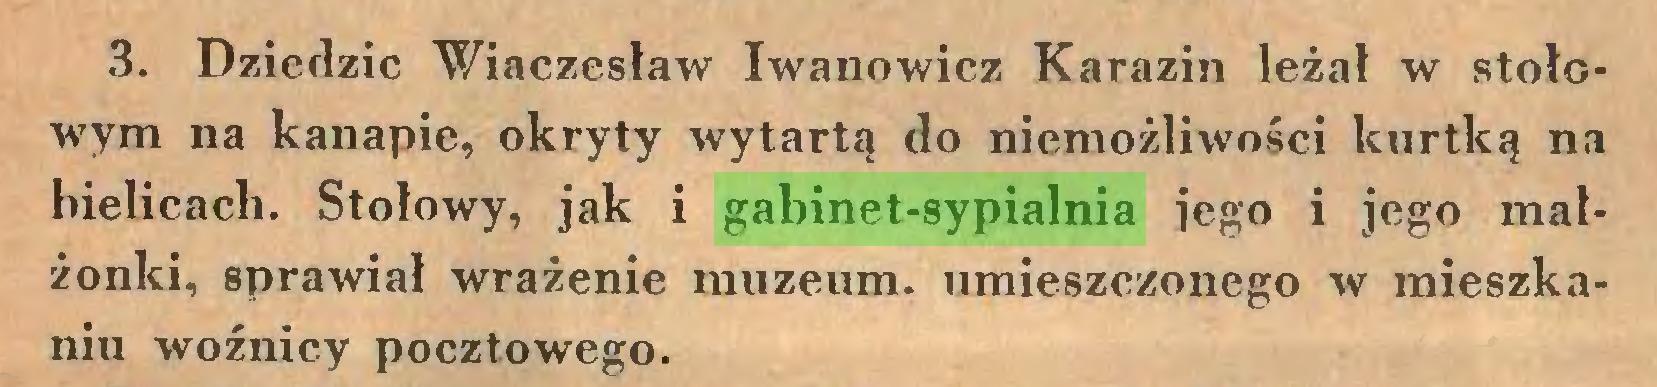 (...) 3. Dziedzic Wiaczesław Iwanowicz Karazin leżał w stołowym na kanapie, okryty wytartą do niemożliwości kurtką na bielicach. Stołowy, jak i gabinet-sypialnia jego i jego małżonki, sprawiał wrażenie muzeum, umieszczonego w mieszkaniu woźnicy pocztowego...